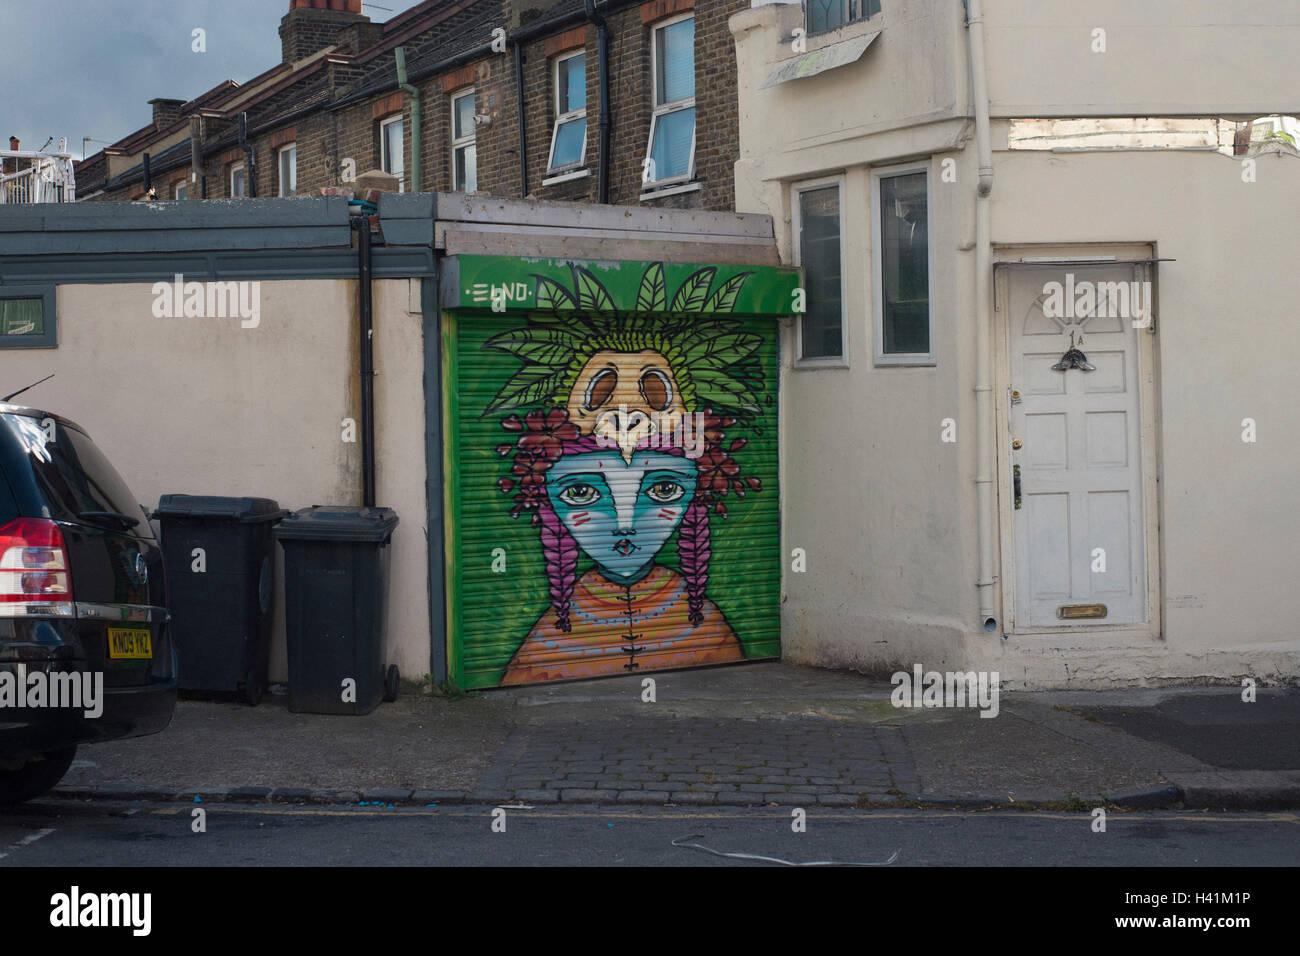 art on a garage shutter door in leyton east london stock photo art on a garage shutter door in leyton east london